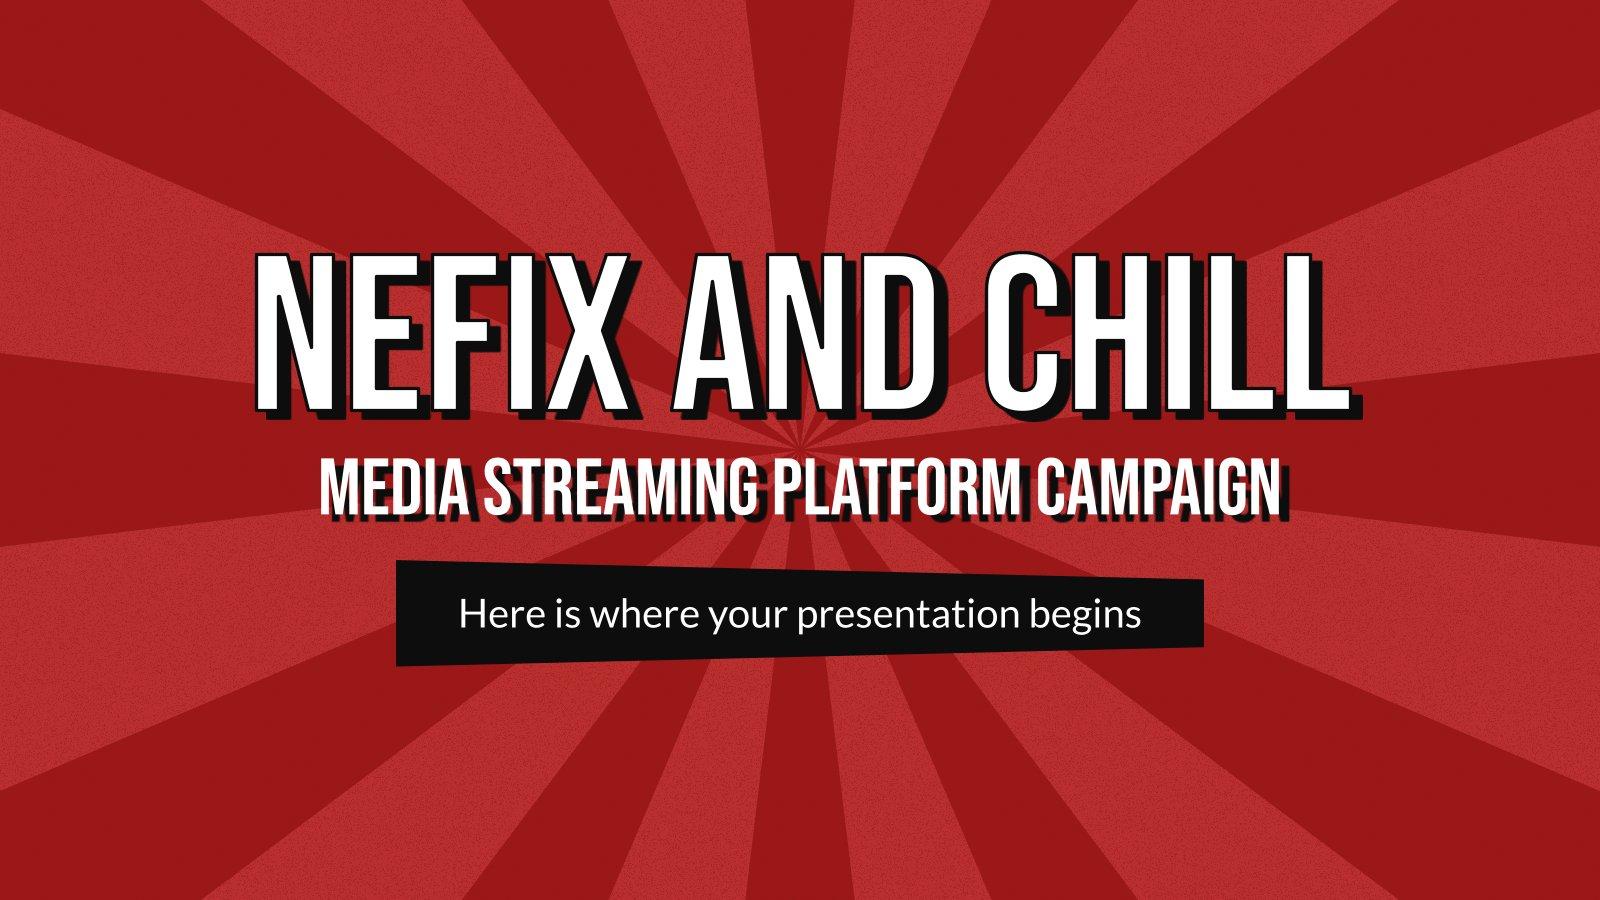 Modelo de apresentação Nefix e relax séries - Campanha da plataforma de streaming